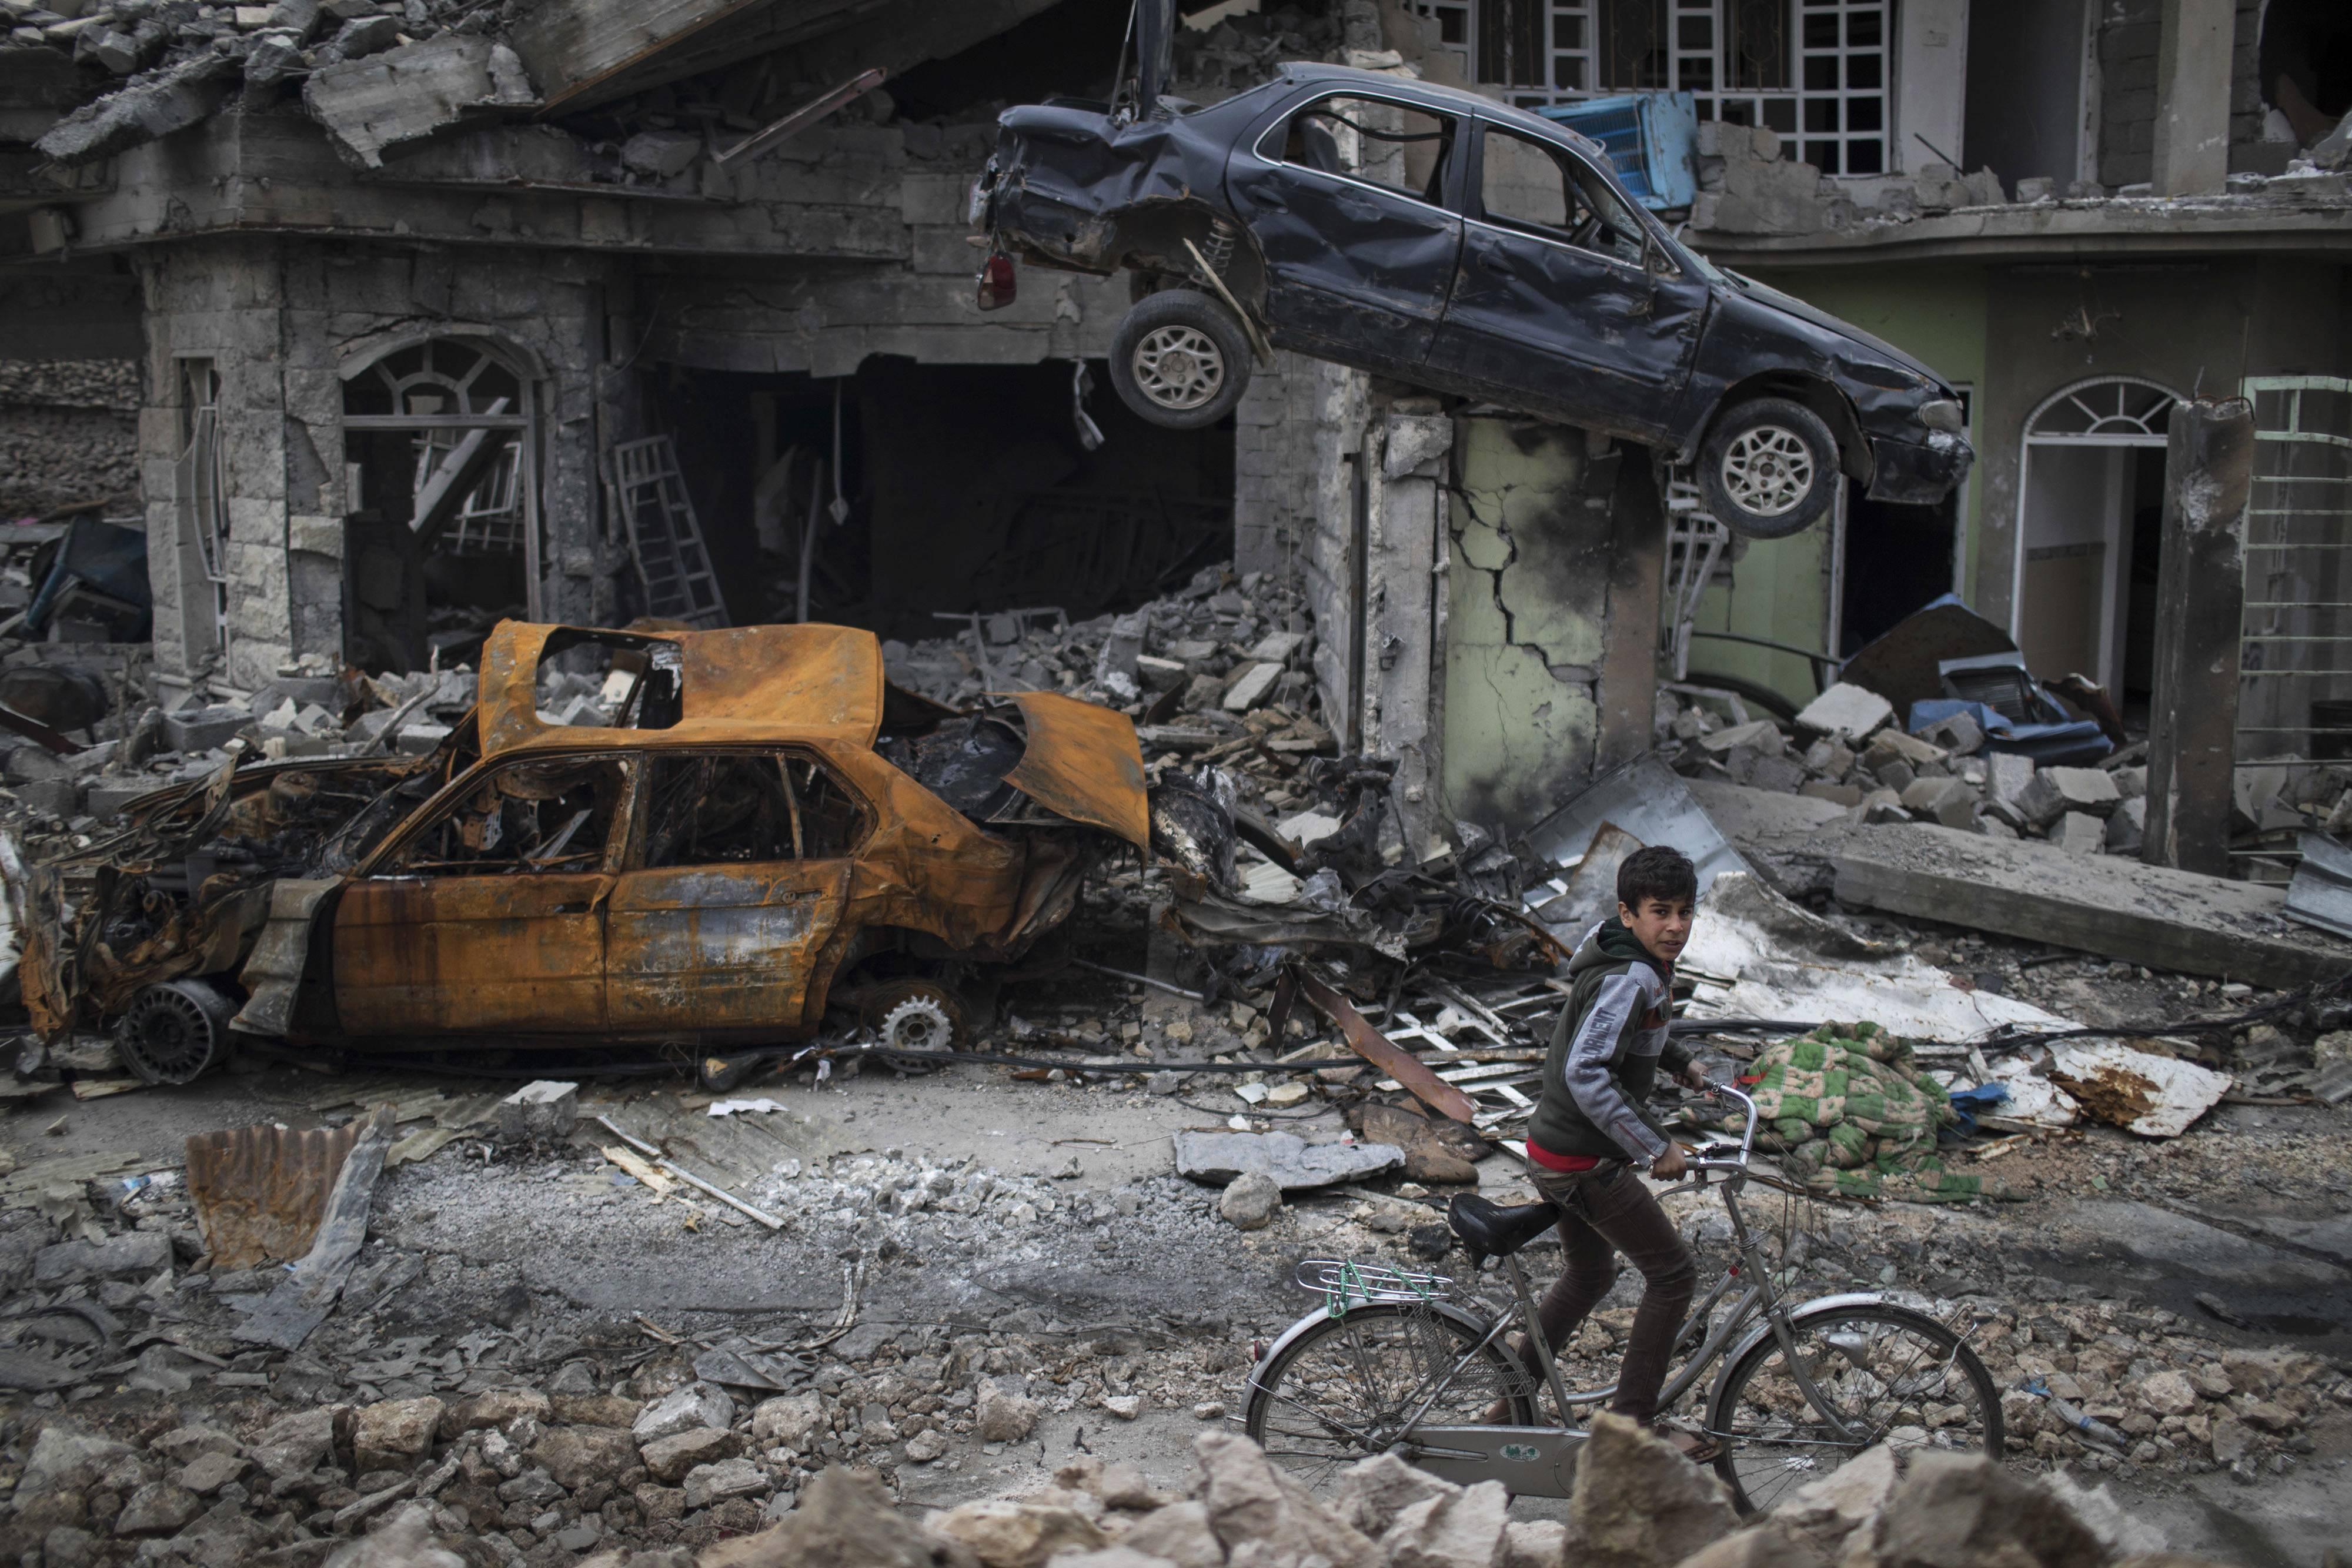 Mosul era el bastión del Estado Islámico, el nivel de destrucción es indescriptible Foto: AP